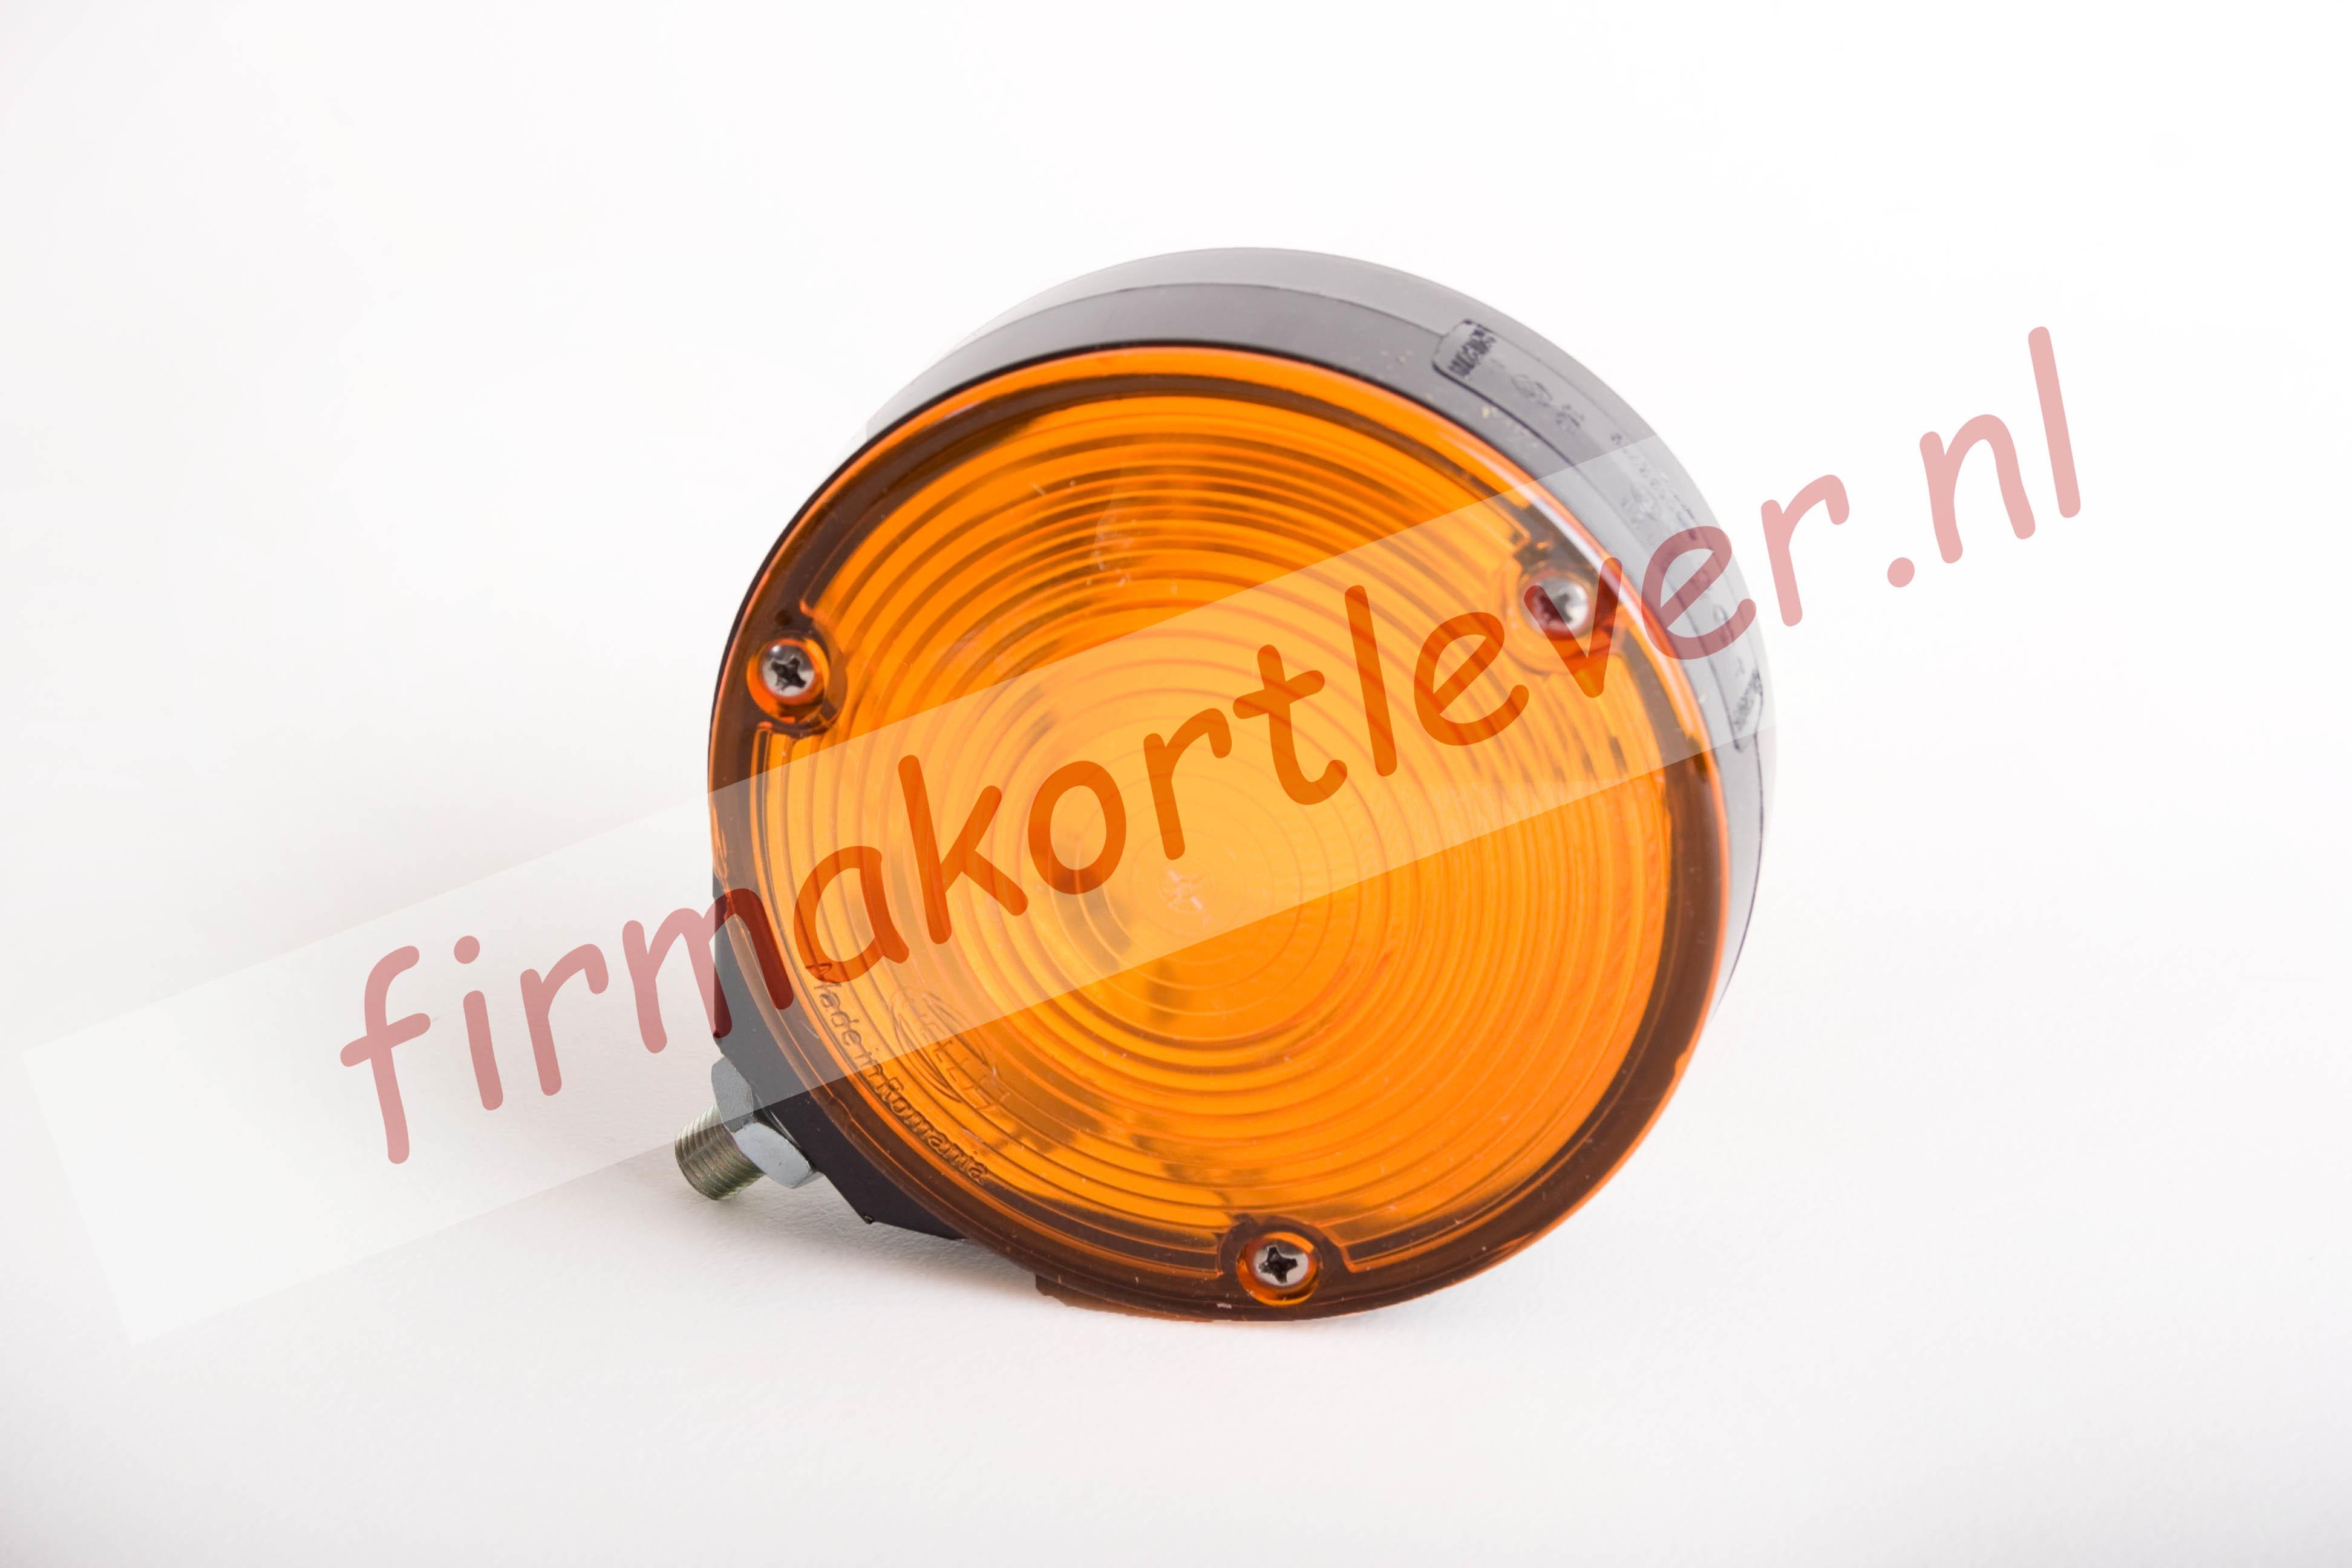 Hella pablo hulpknipperlicht oranje firma kortlever for Hella verlichting